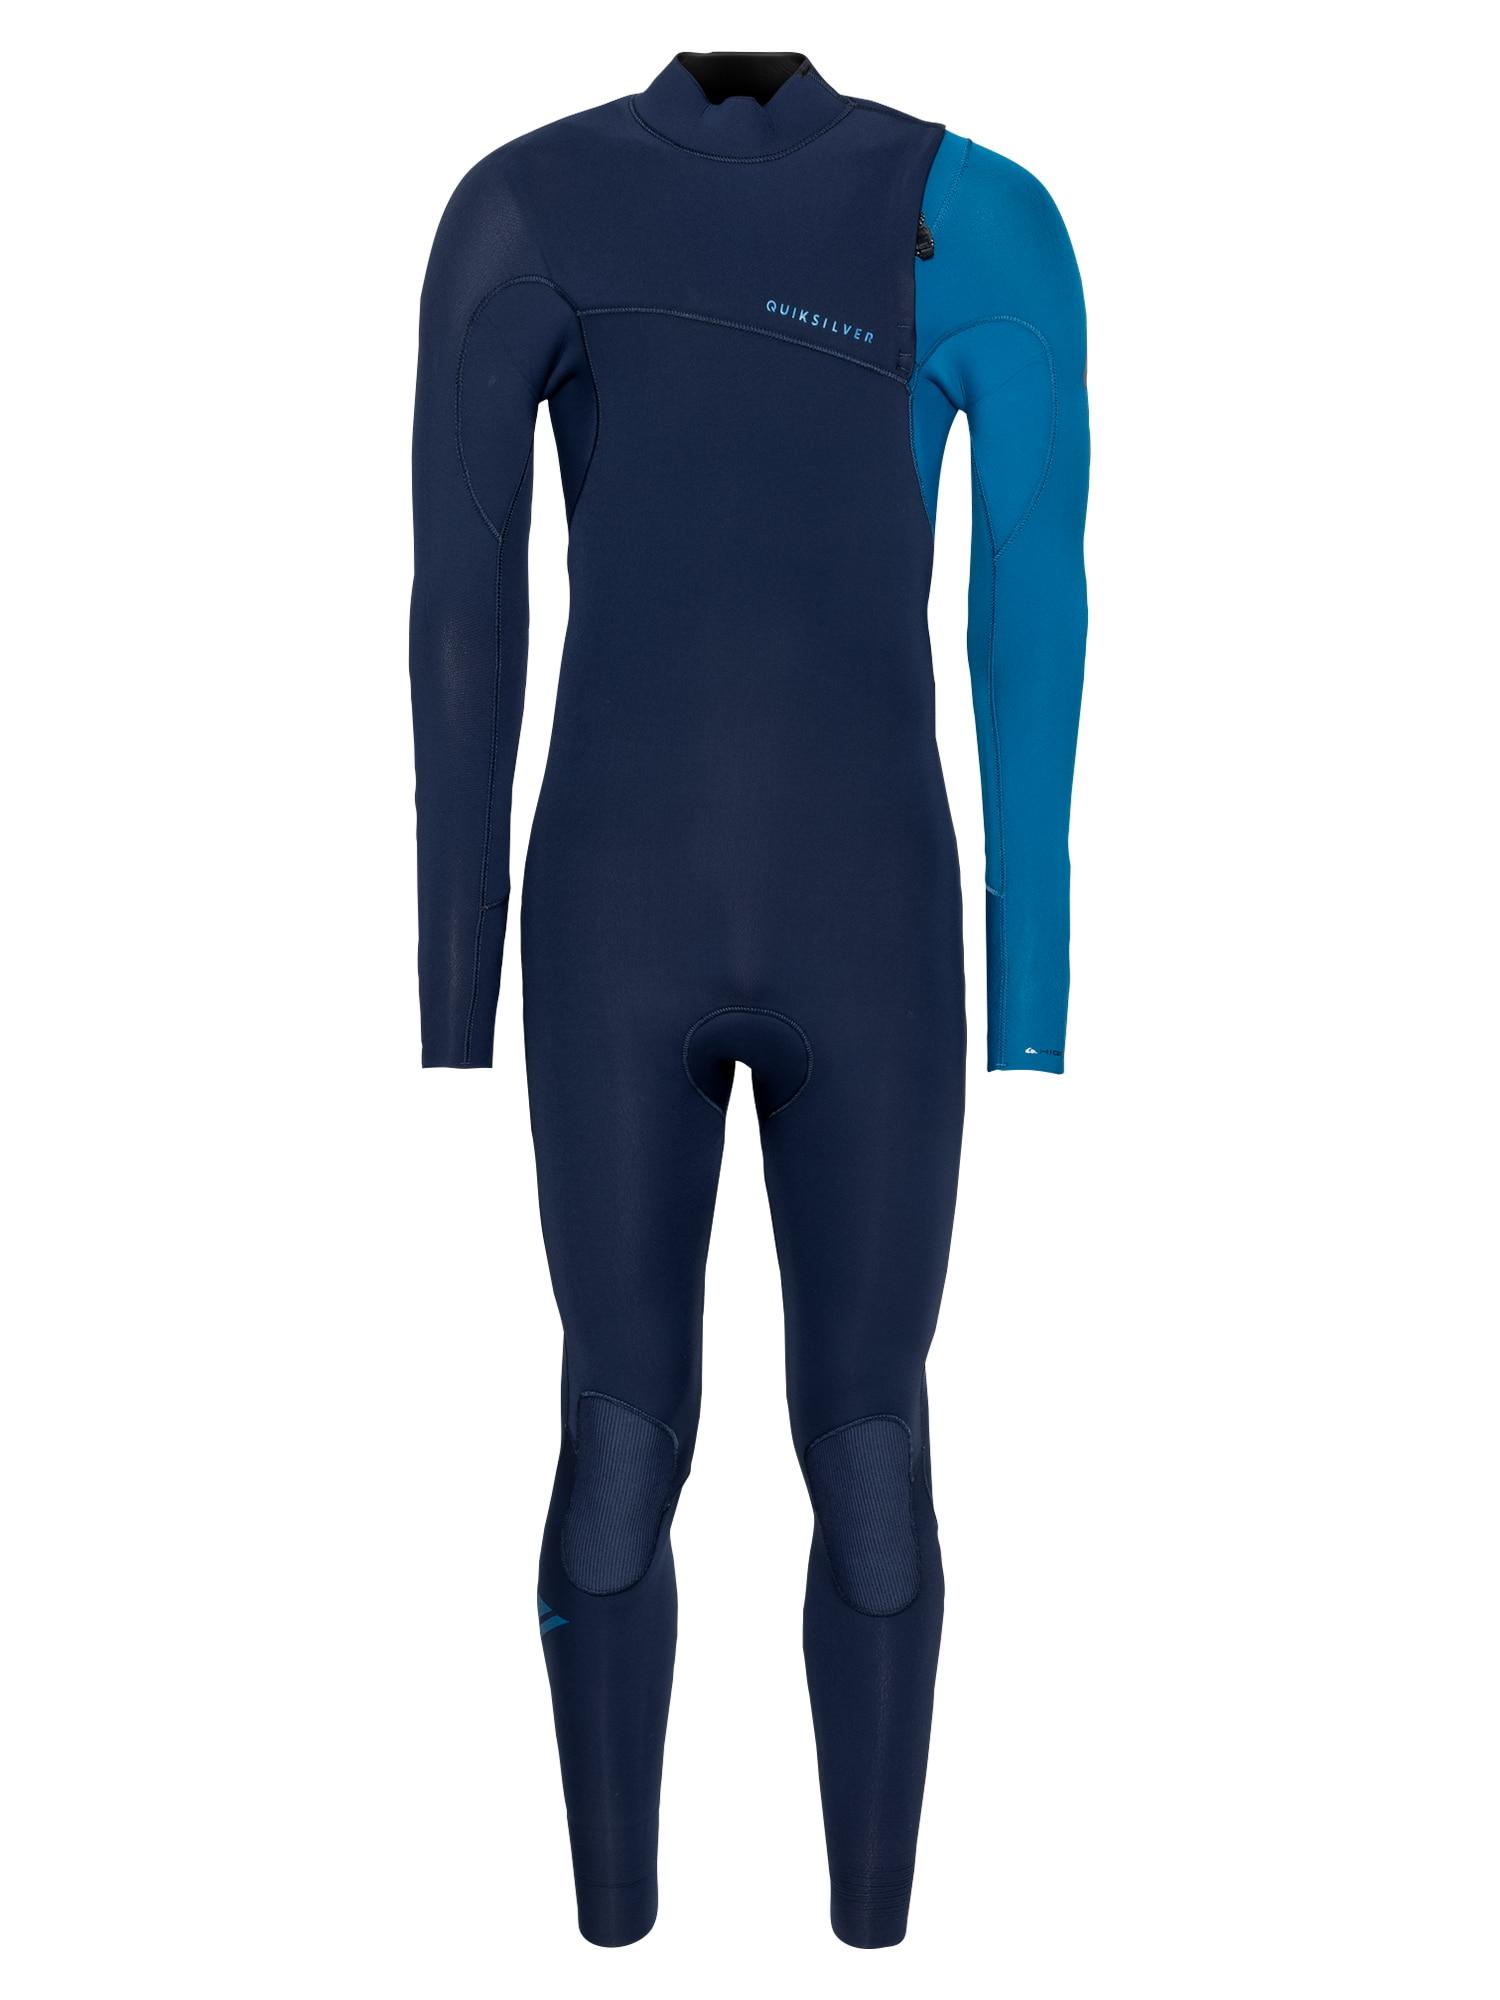 QUIKSILVER Nardymo kostiumas mėlyna / tamsiai mėlyna